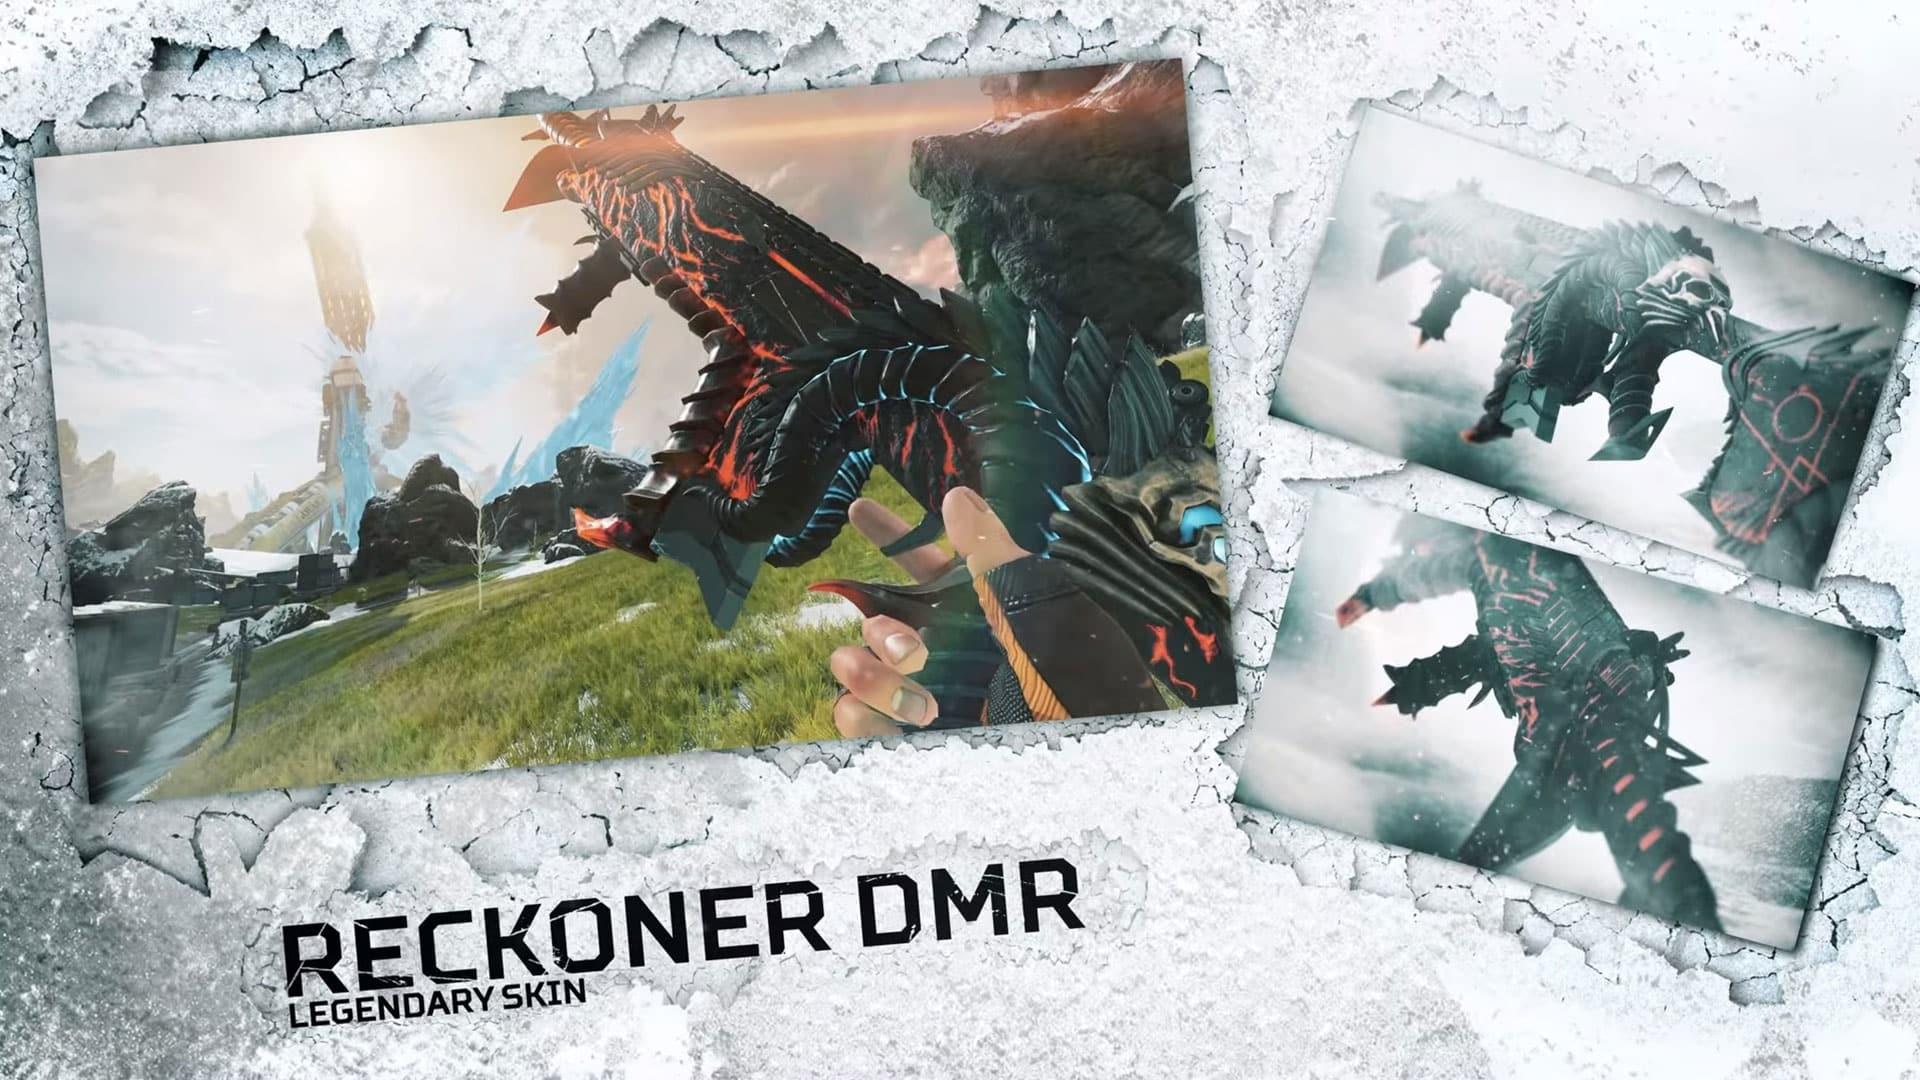 Reckoner DMR babt